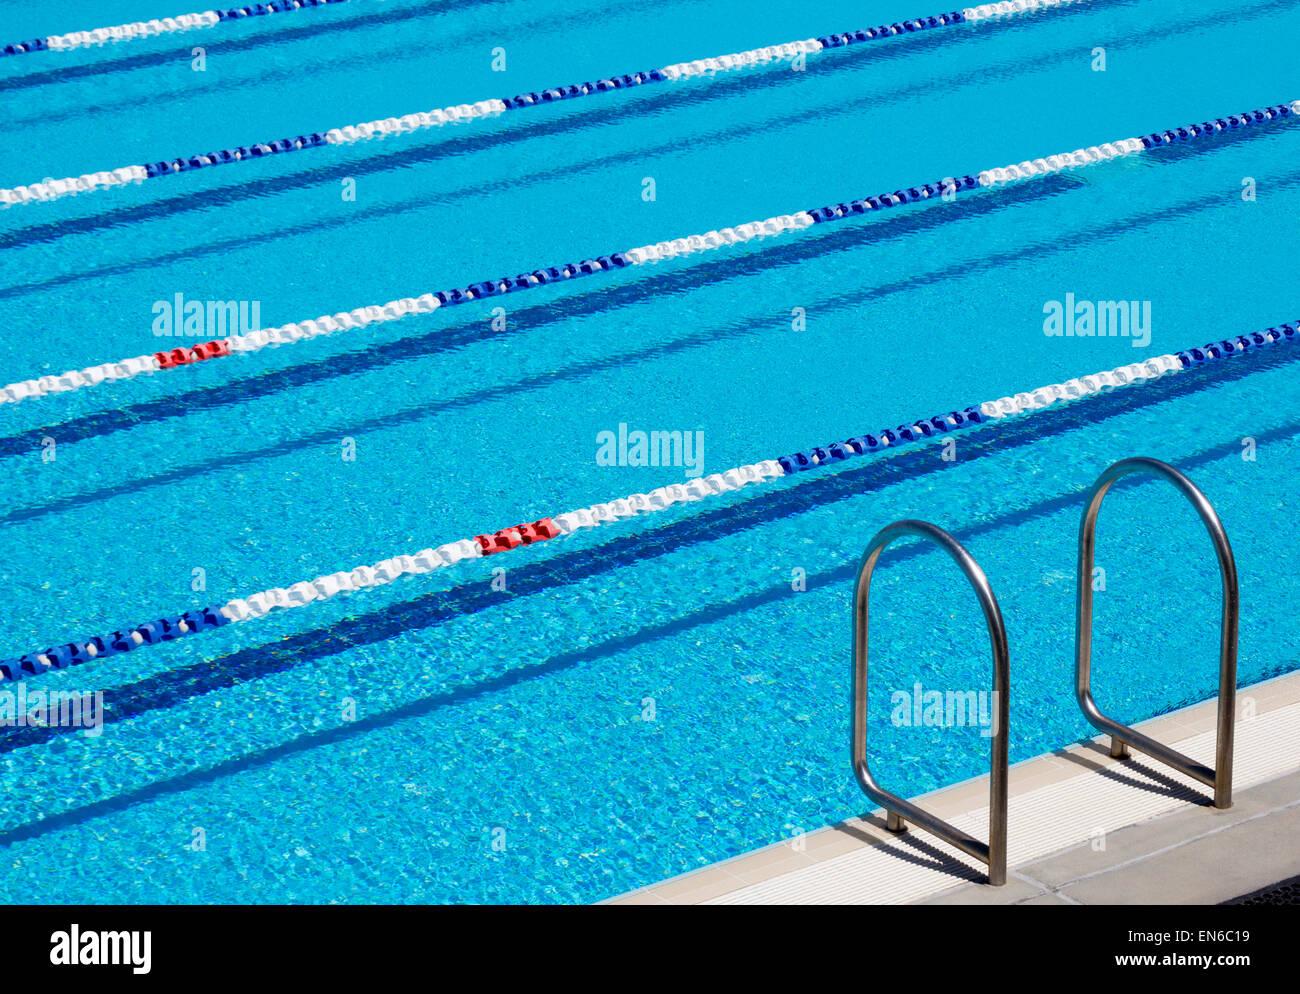 Andrew Lane Stock Photos Andrew Lane Stock Images Alamy